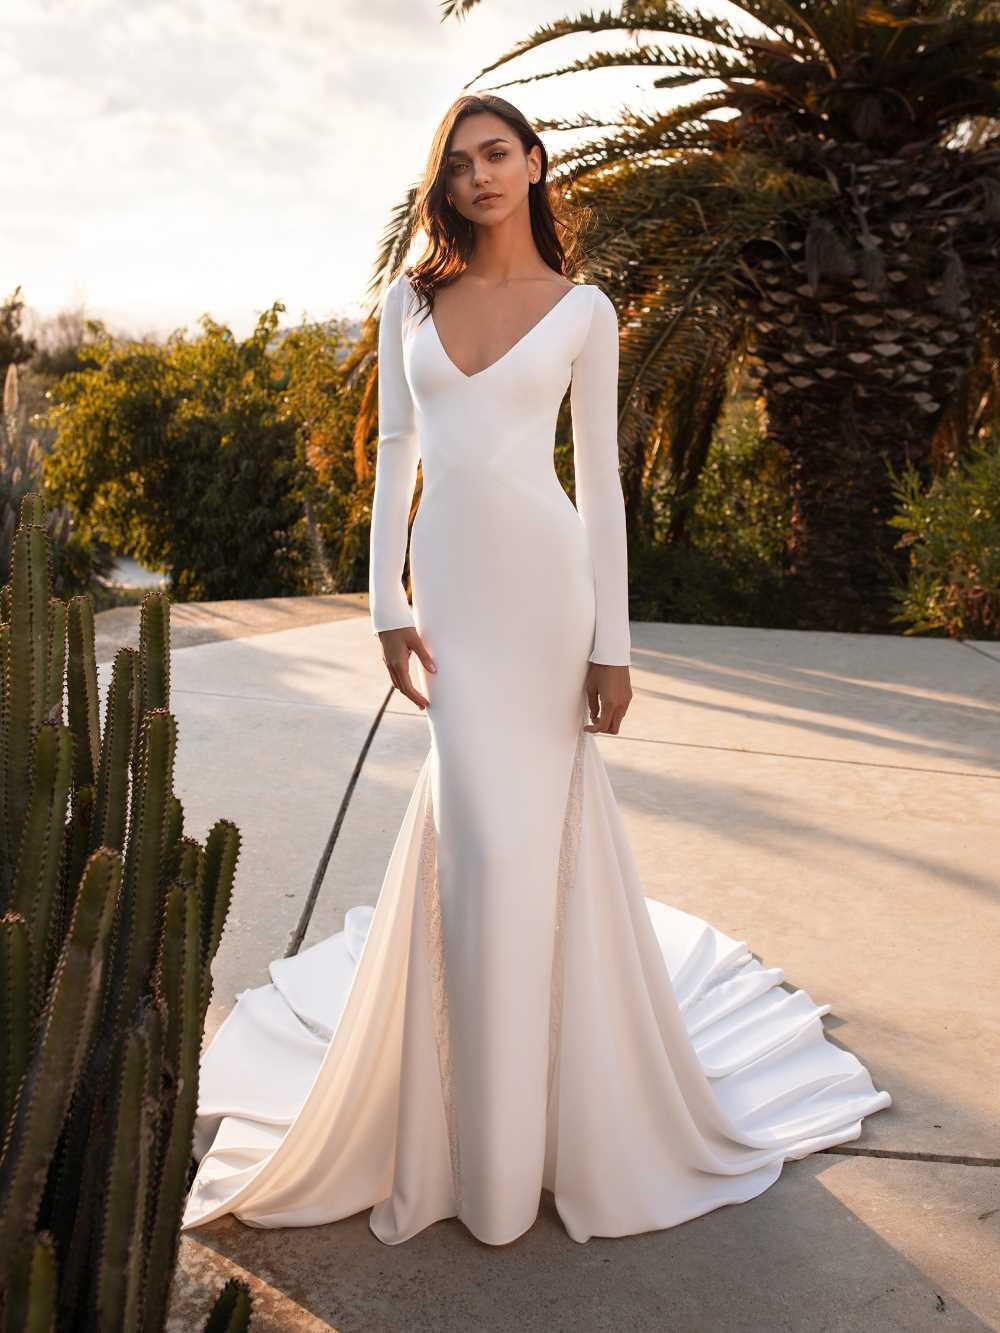 bridal-gowns-pronovias-27472